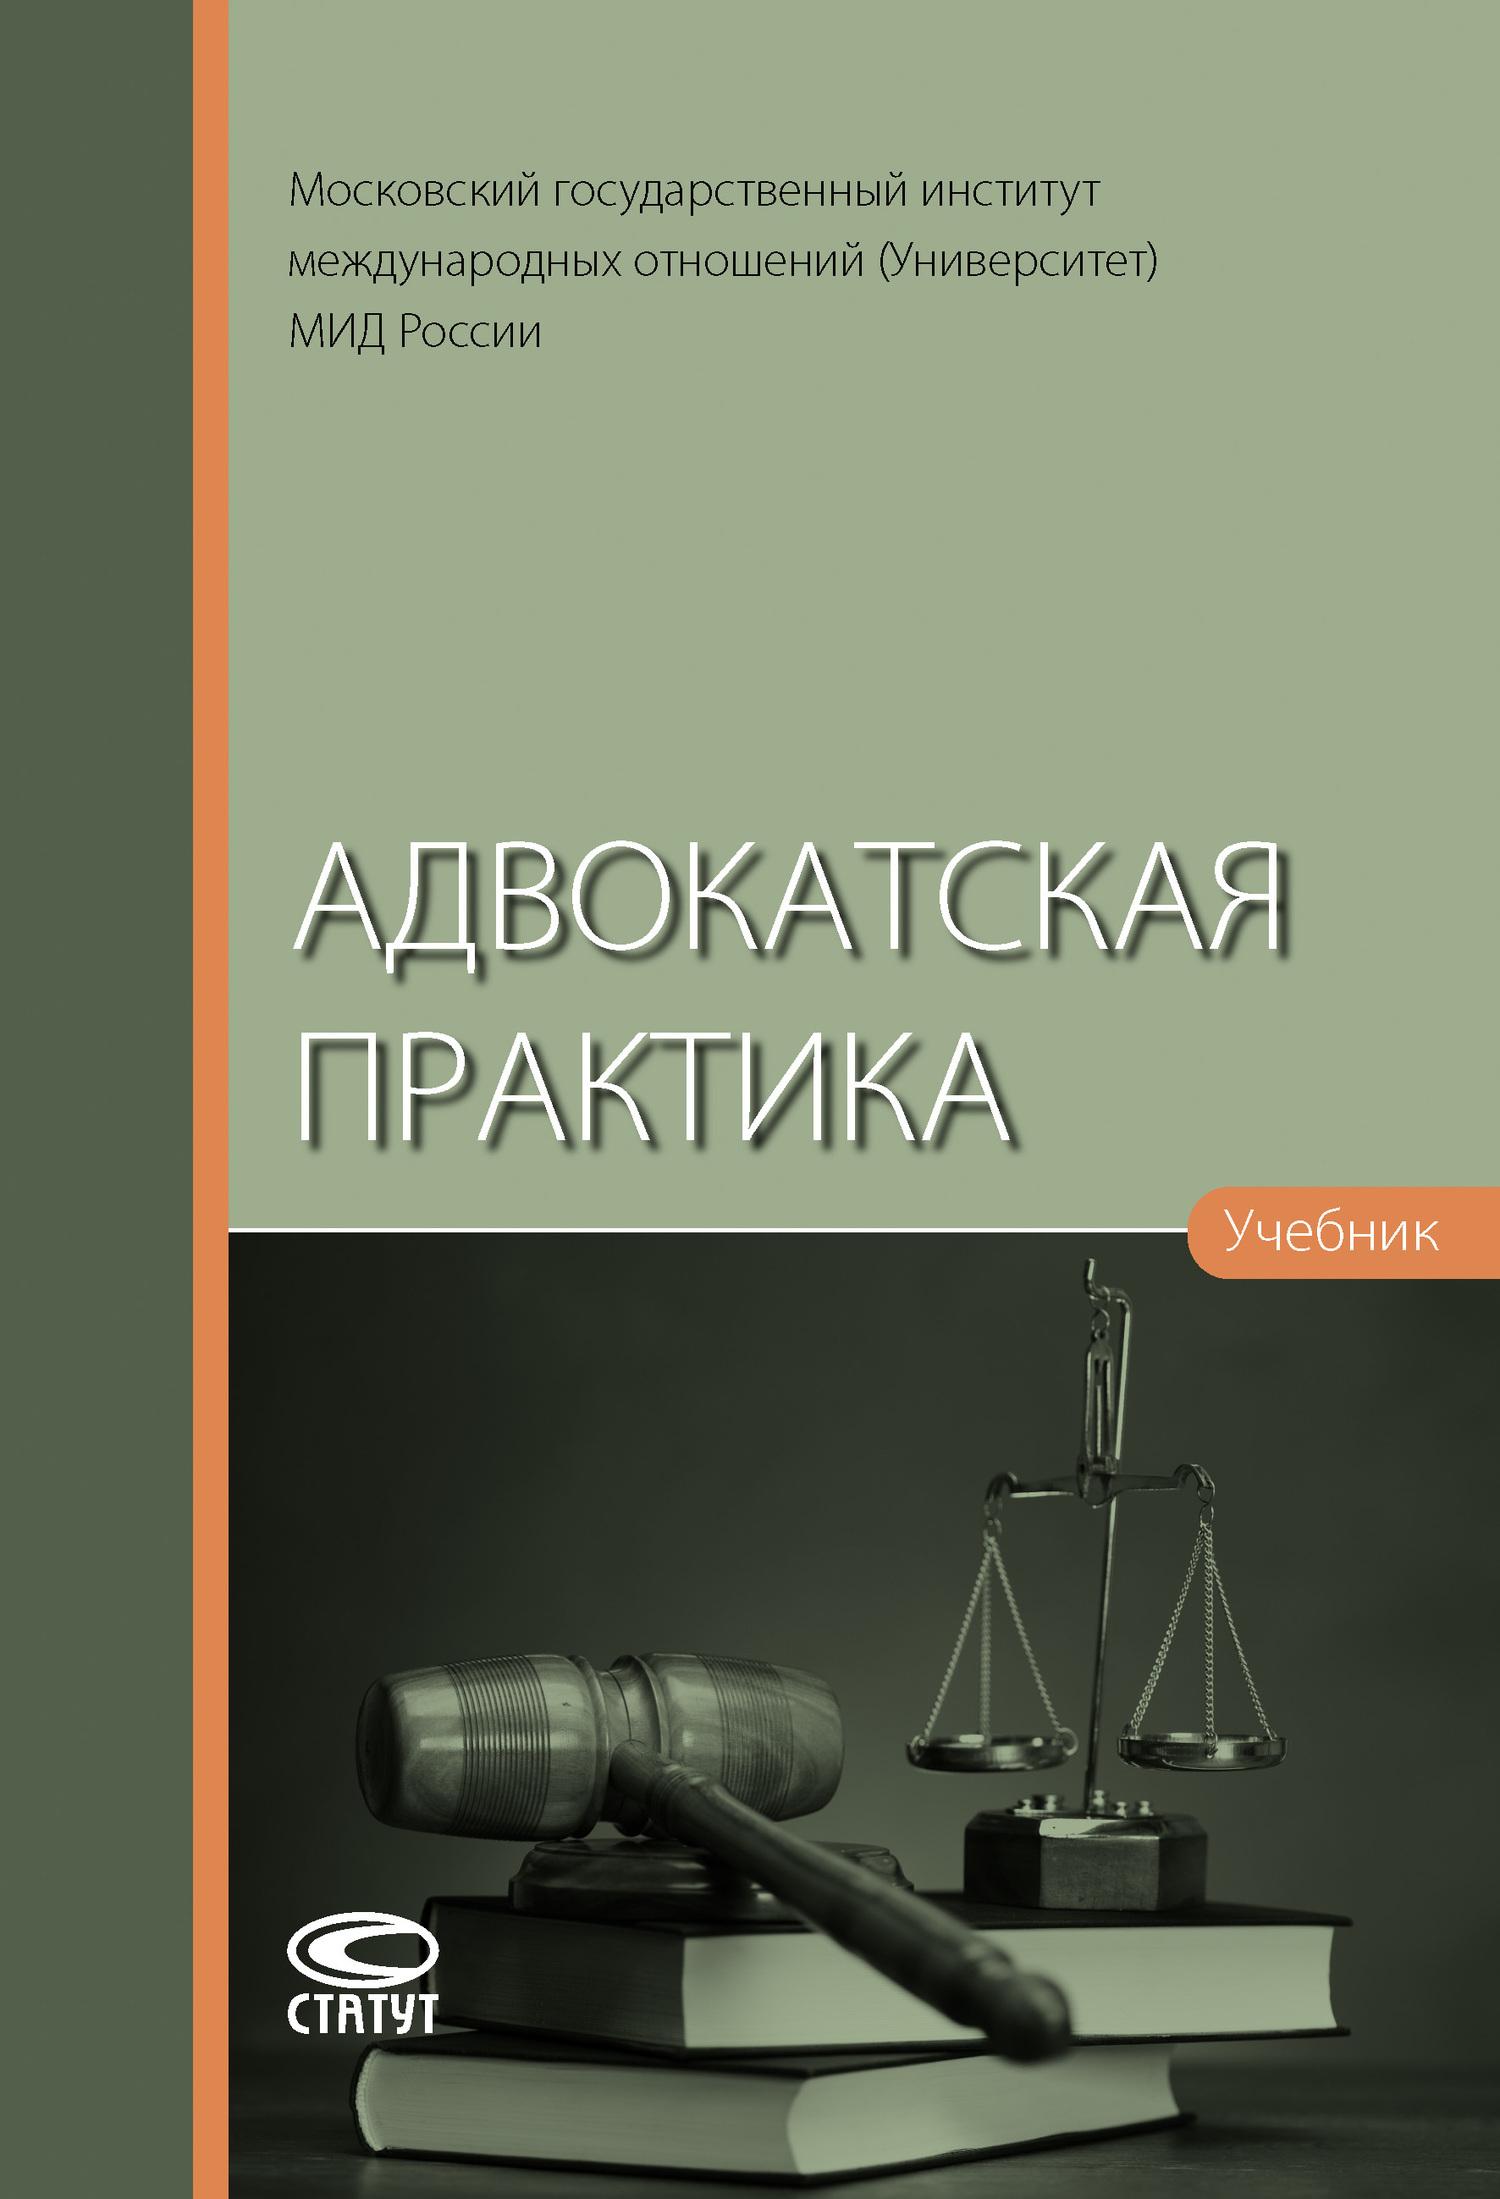 Коллектив авторов - Адвокатская практика